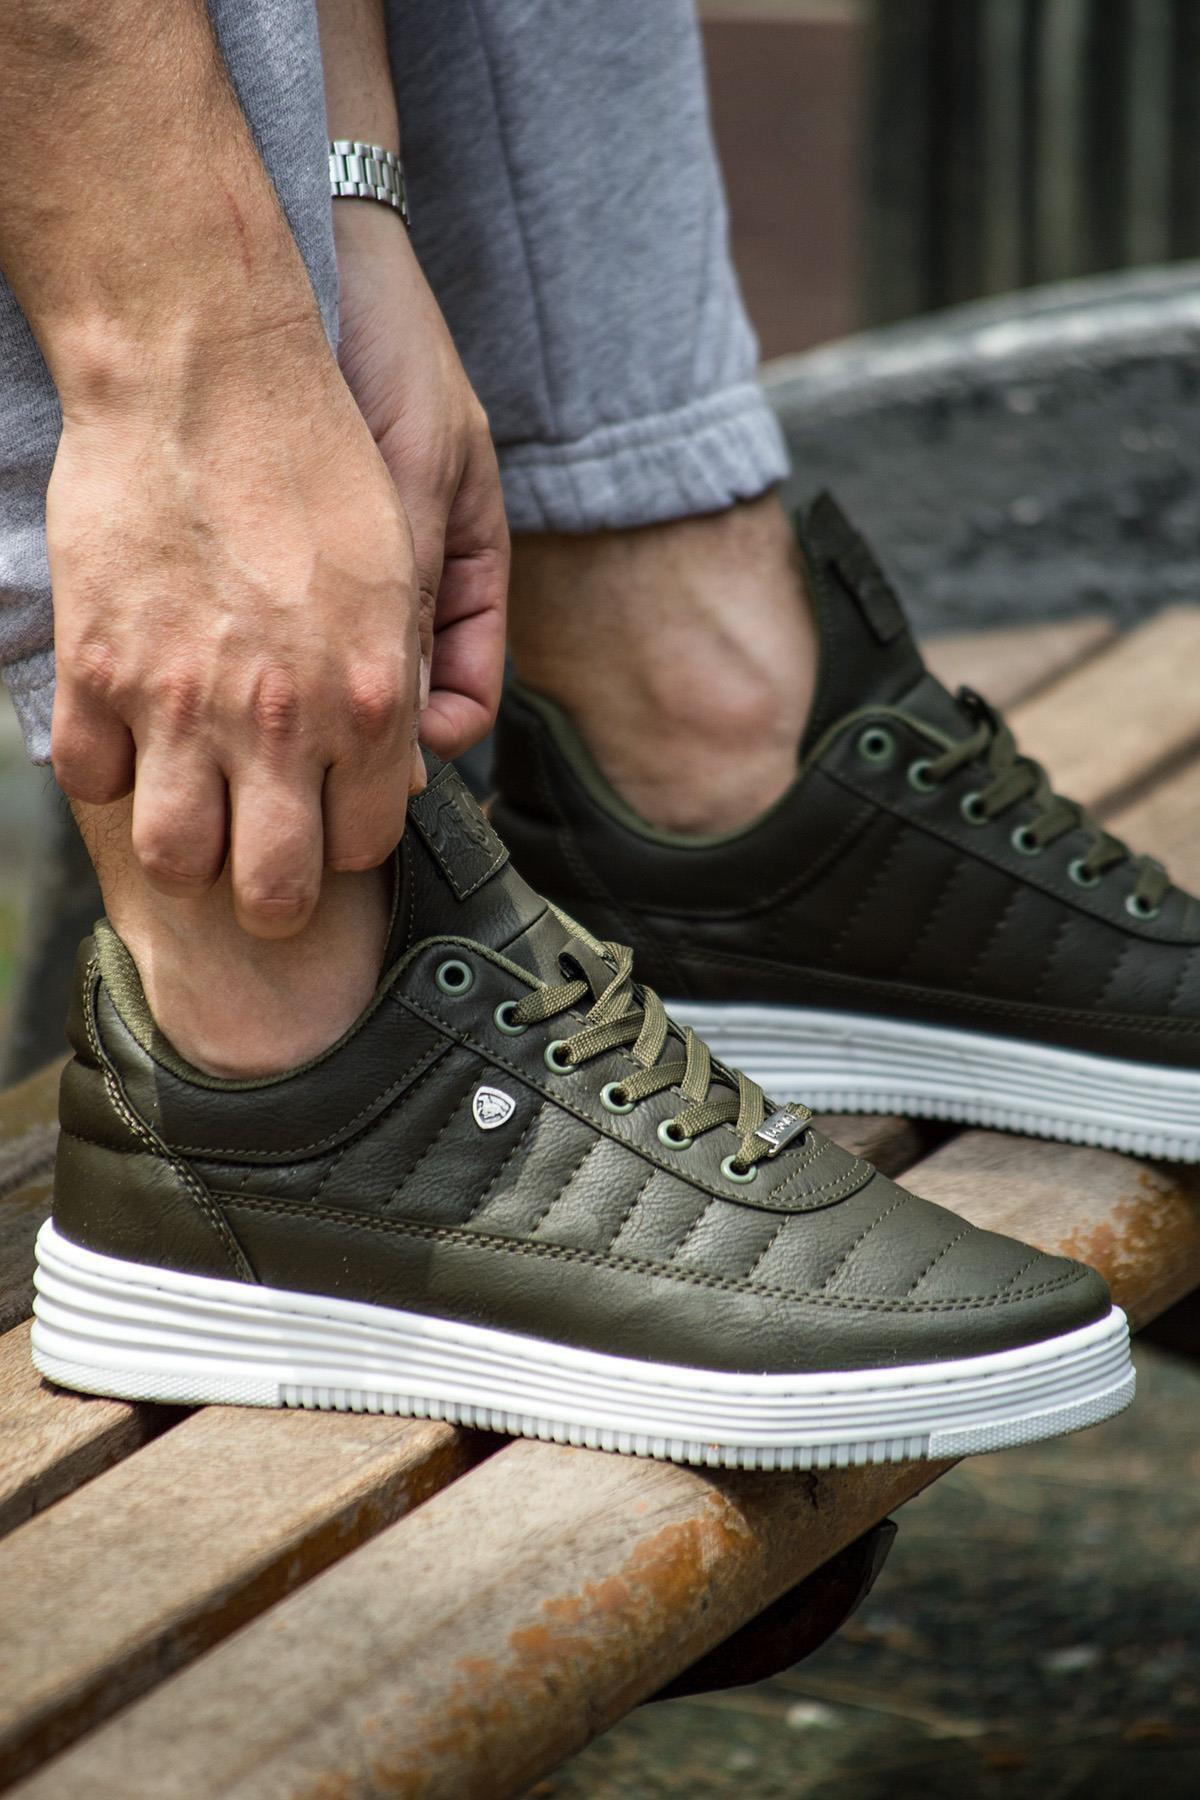 07 Haki Beyaz Dikişli Unisex Spor Ayakkabı